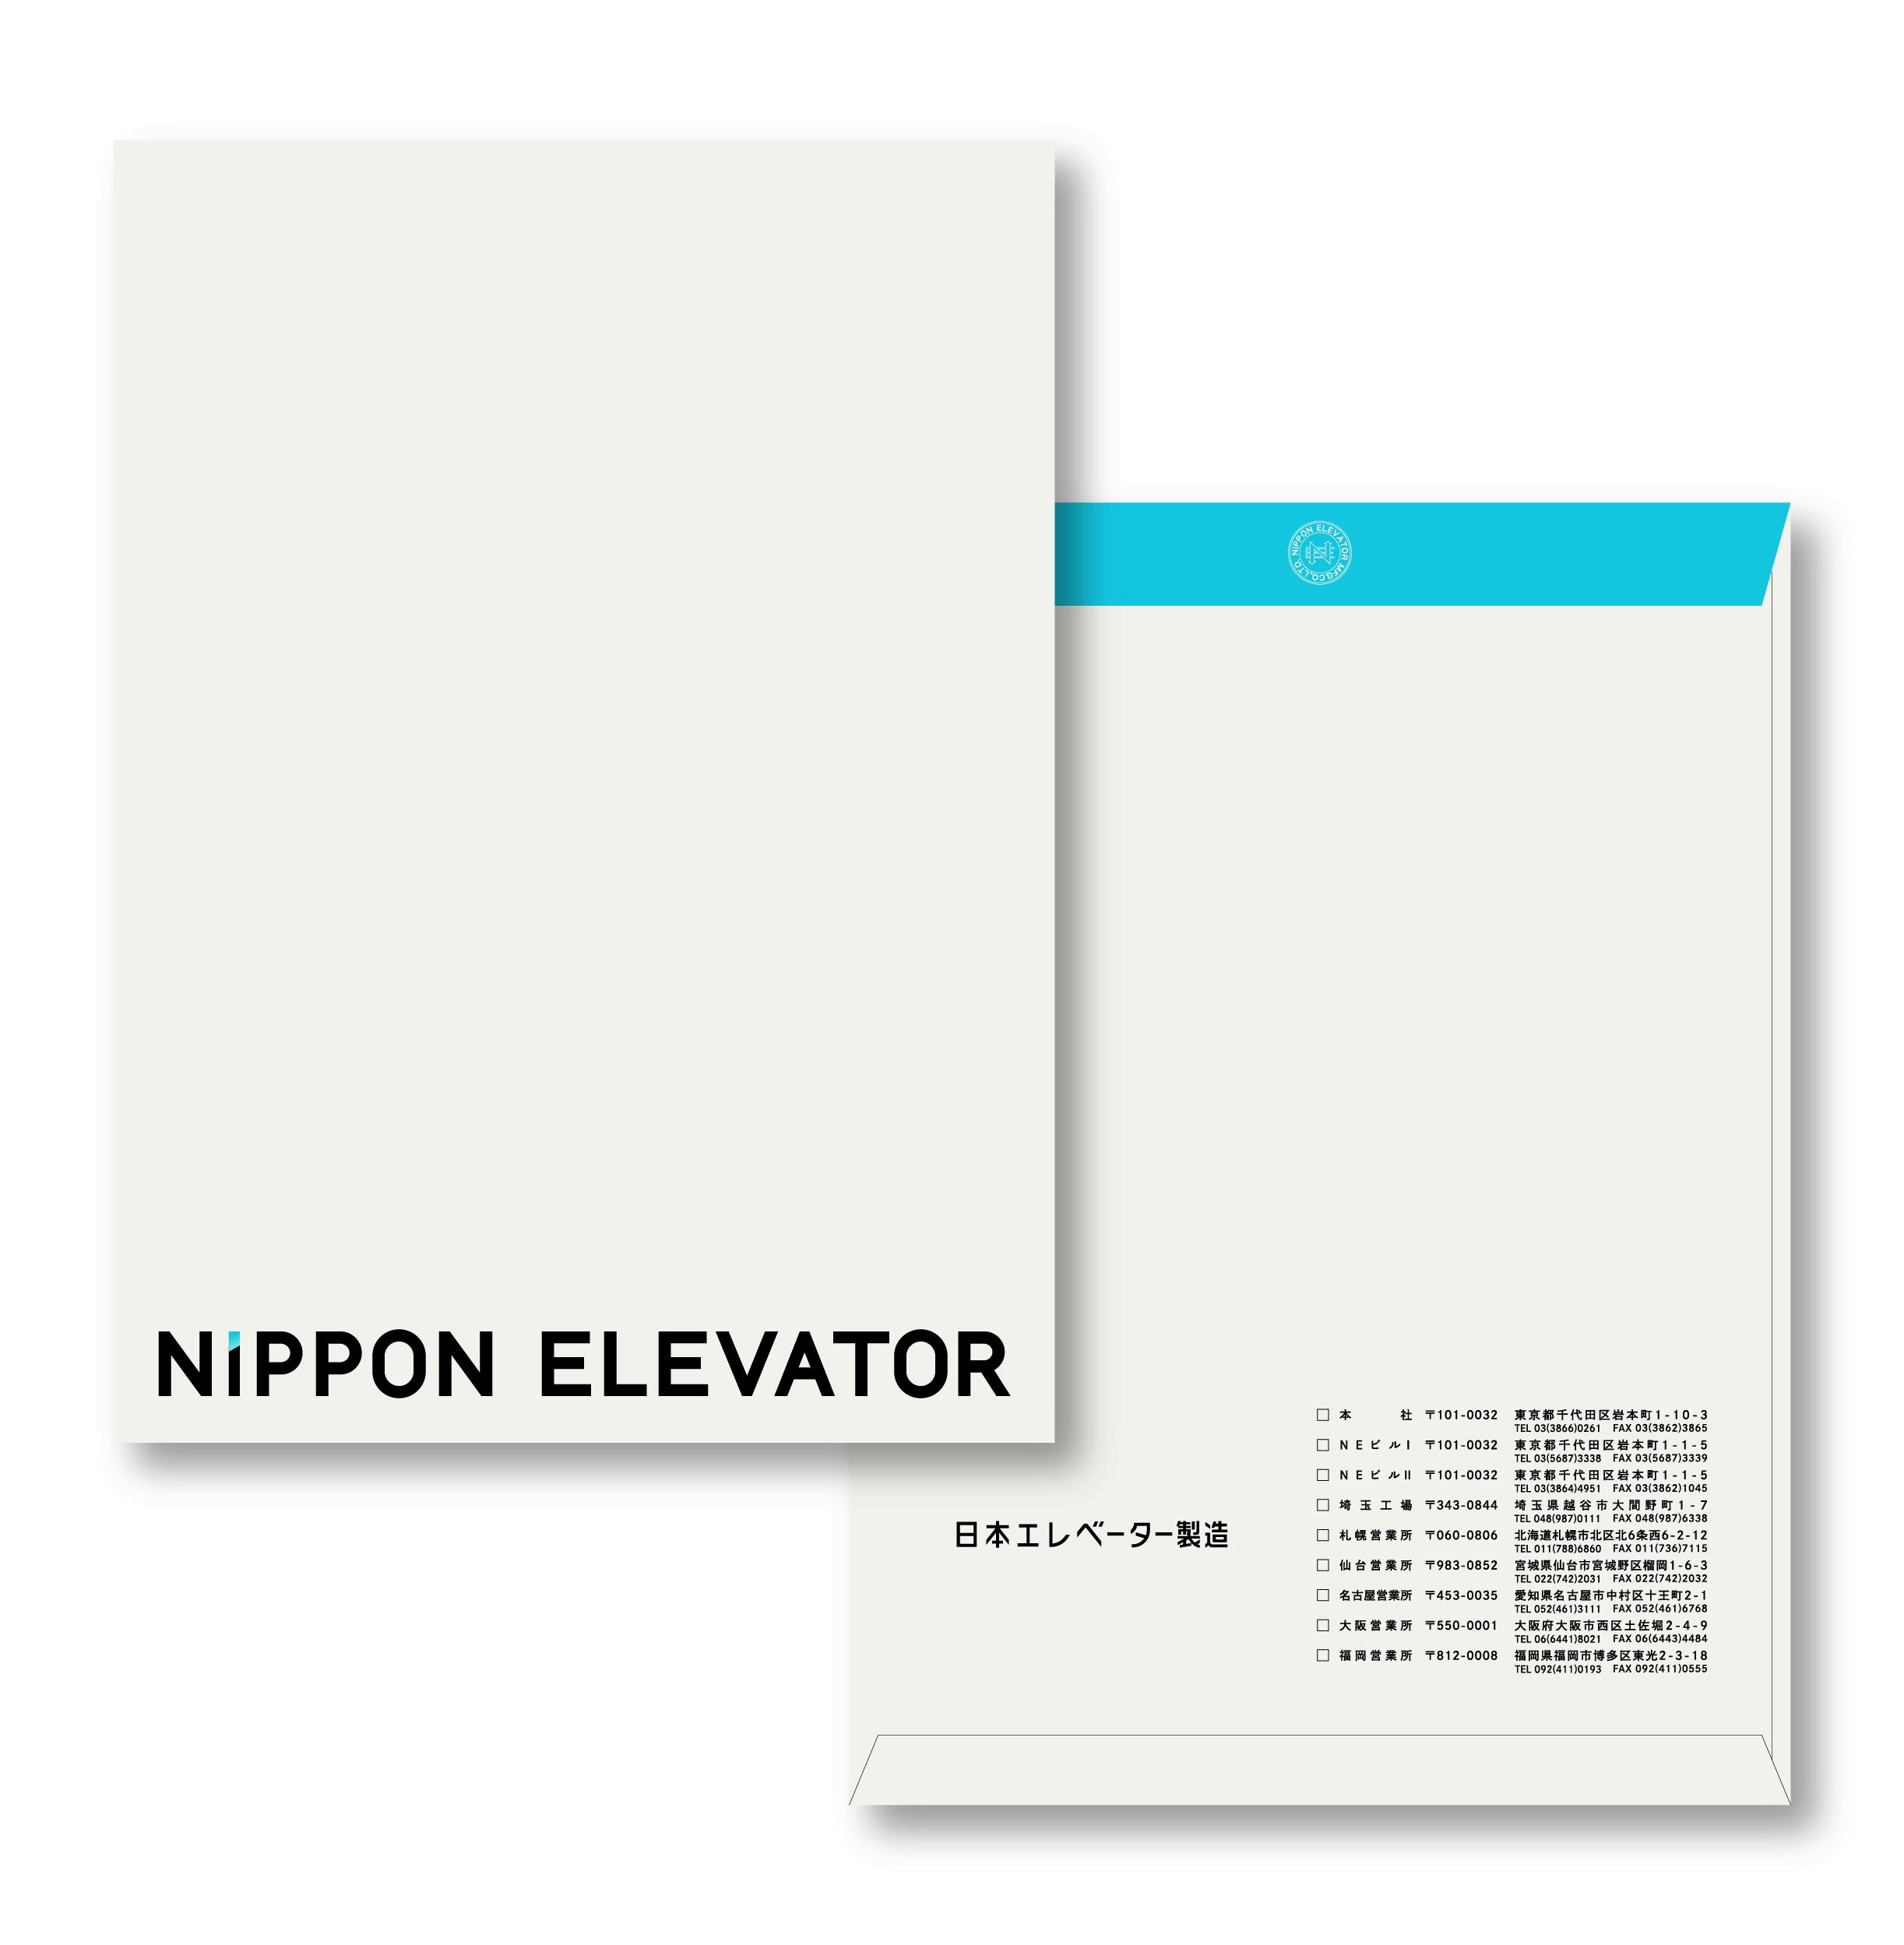 NIPPON ELEVATOR10